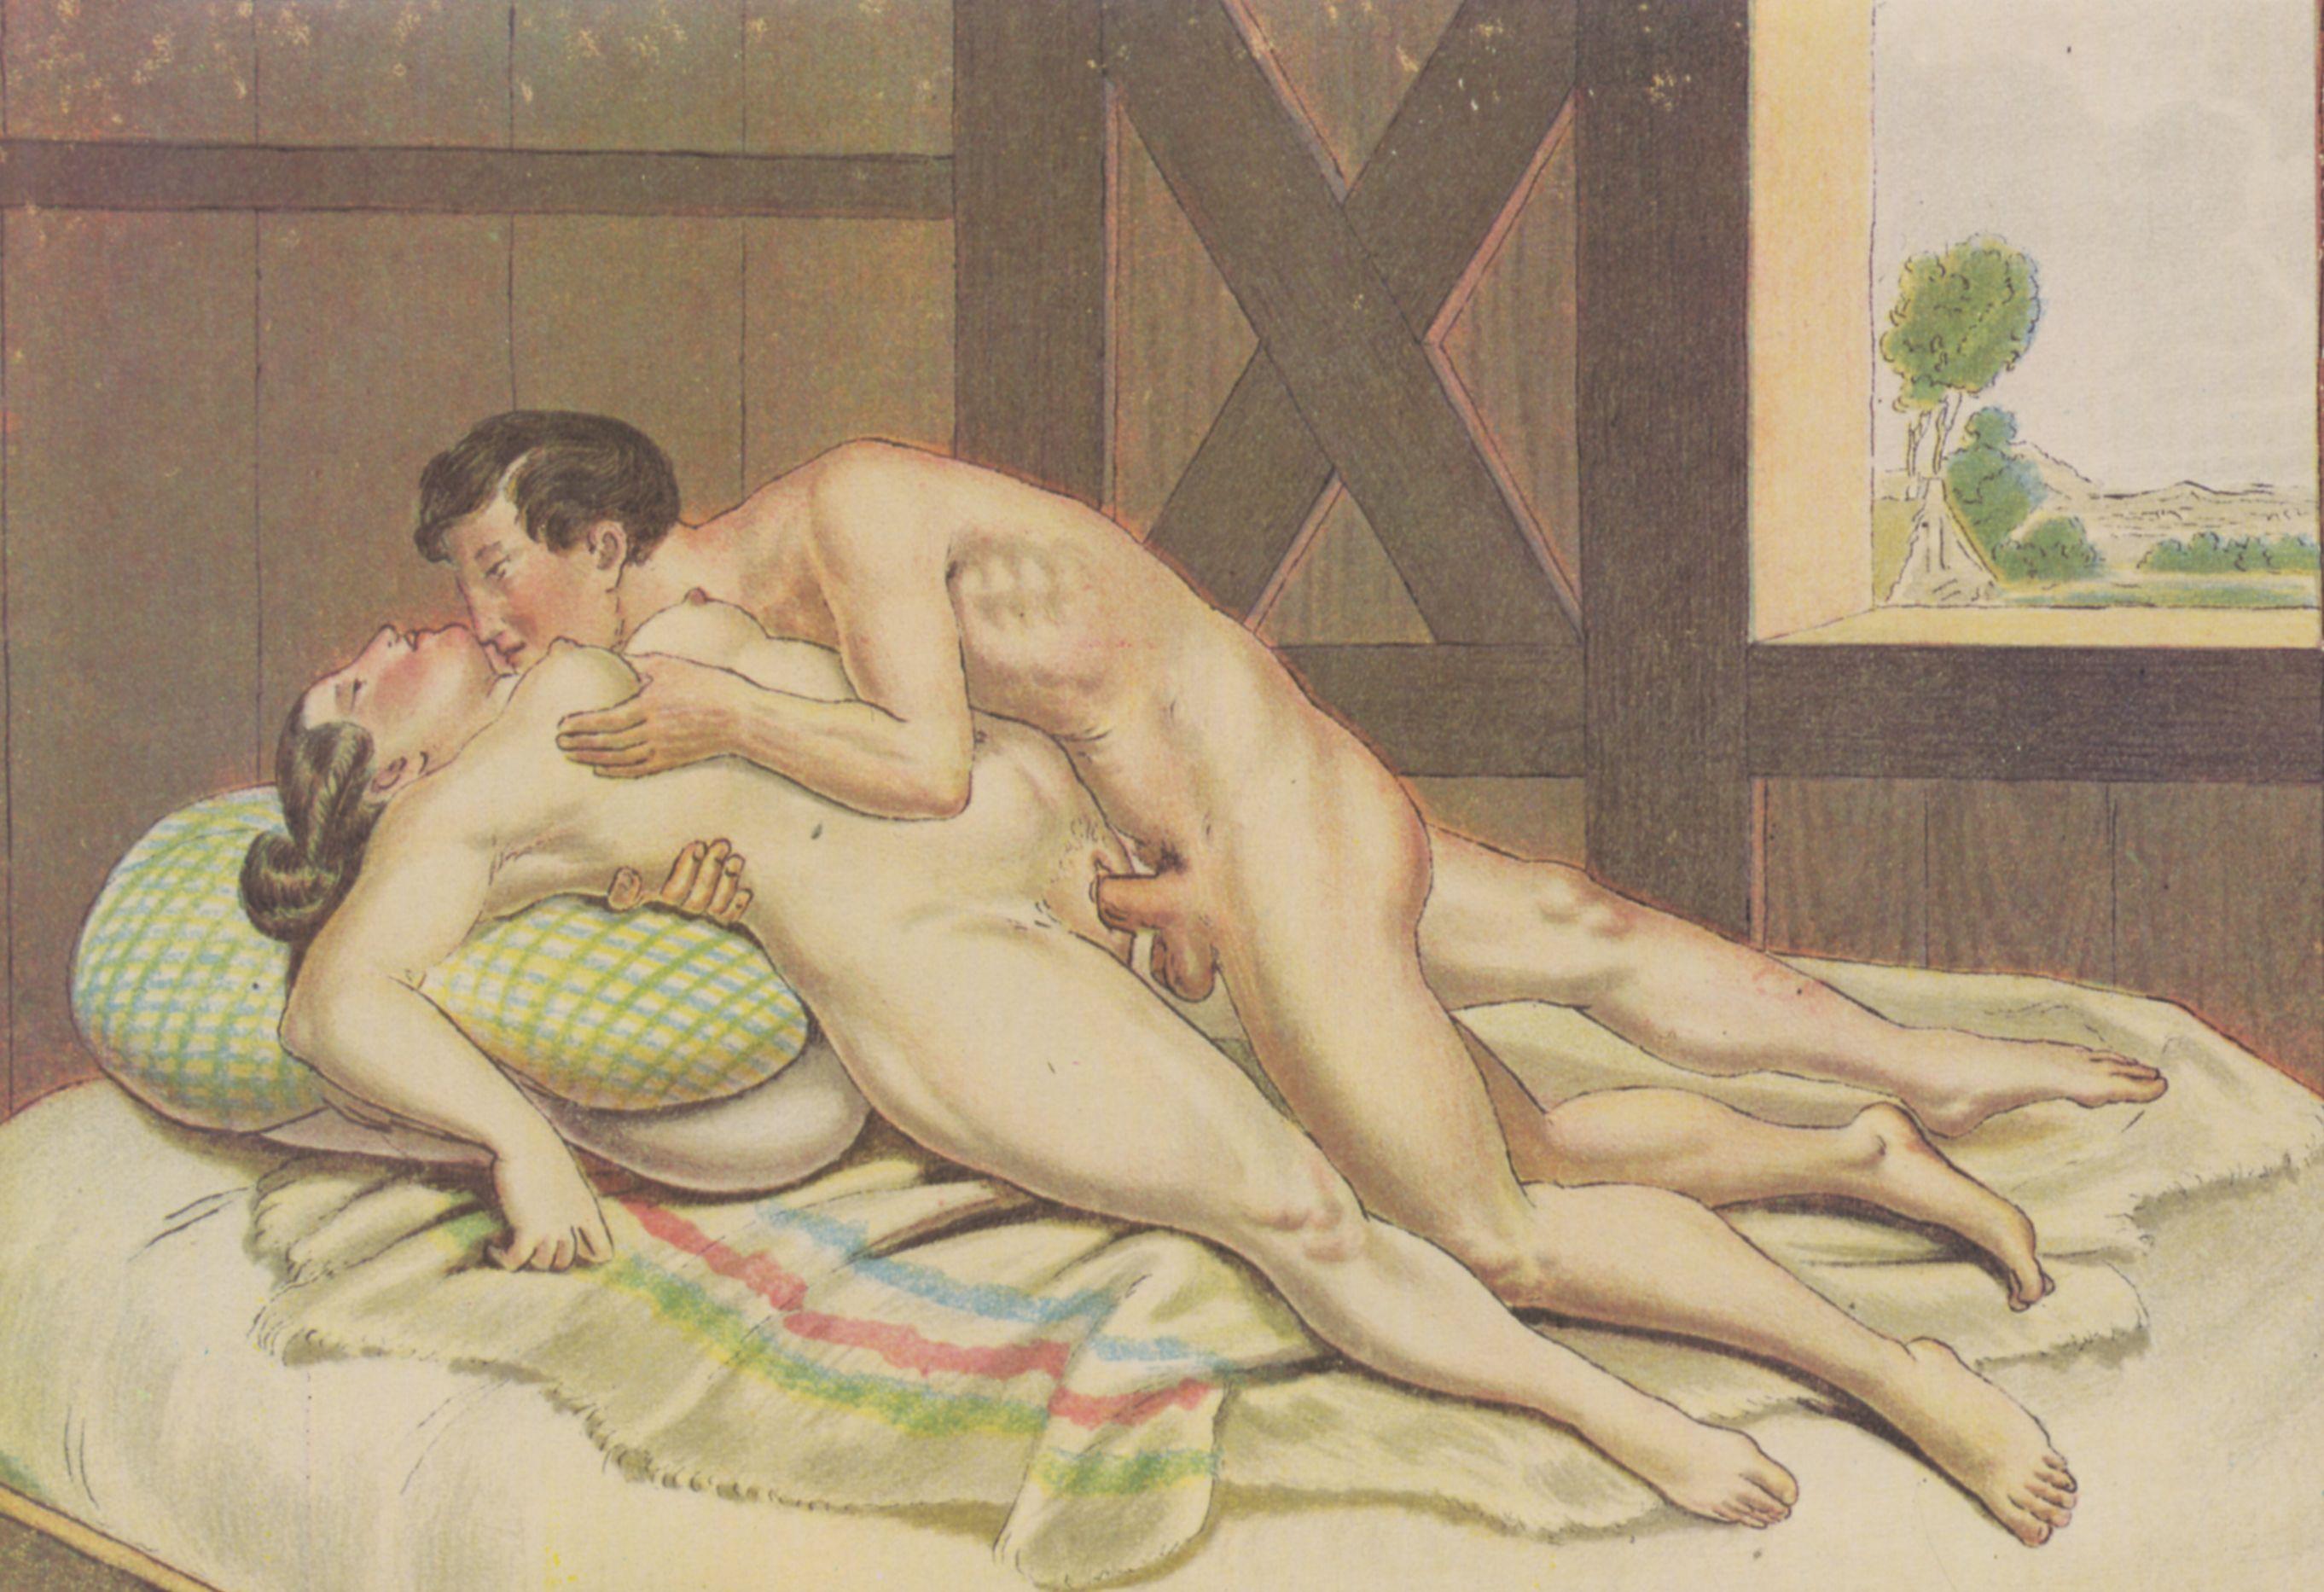 Художница рисует голого мужика, Дочь художница рисует с натуры папин член, сосёт его 12 фотография